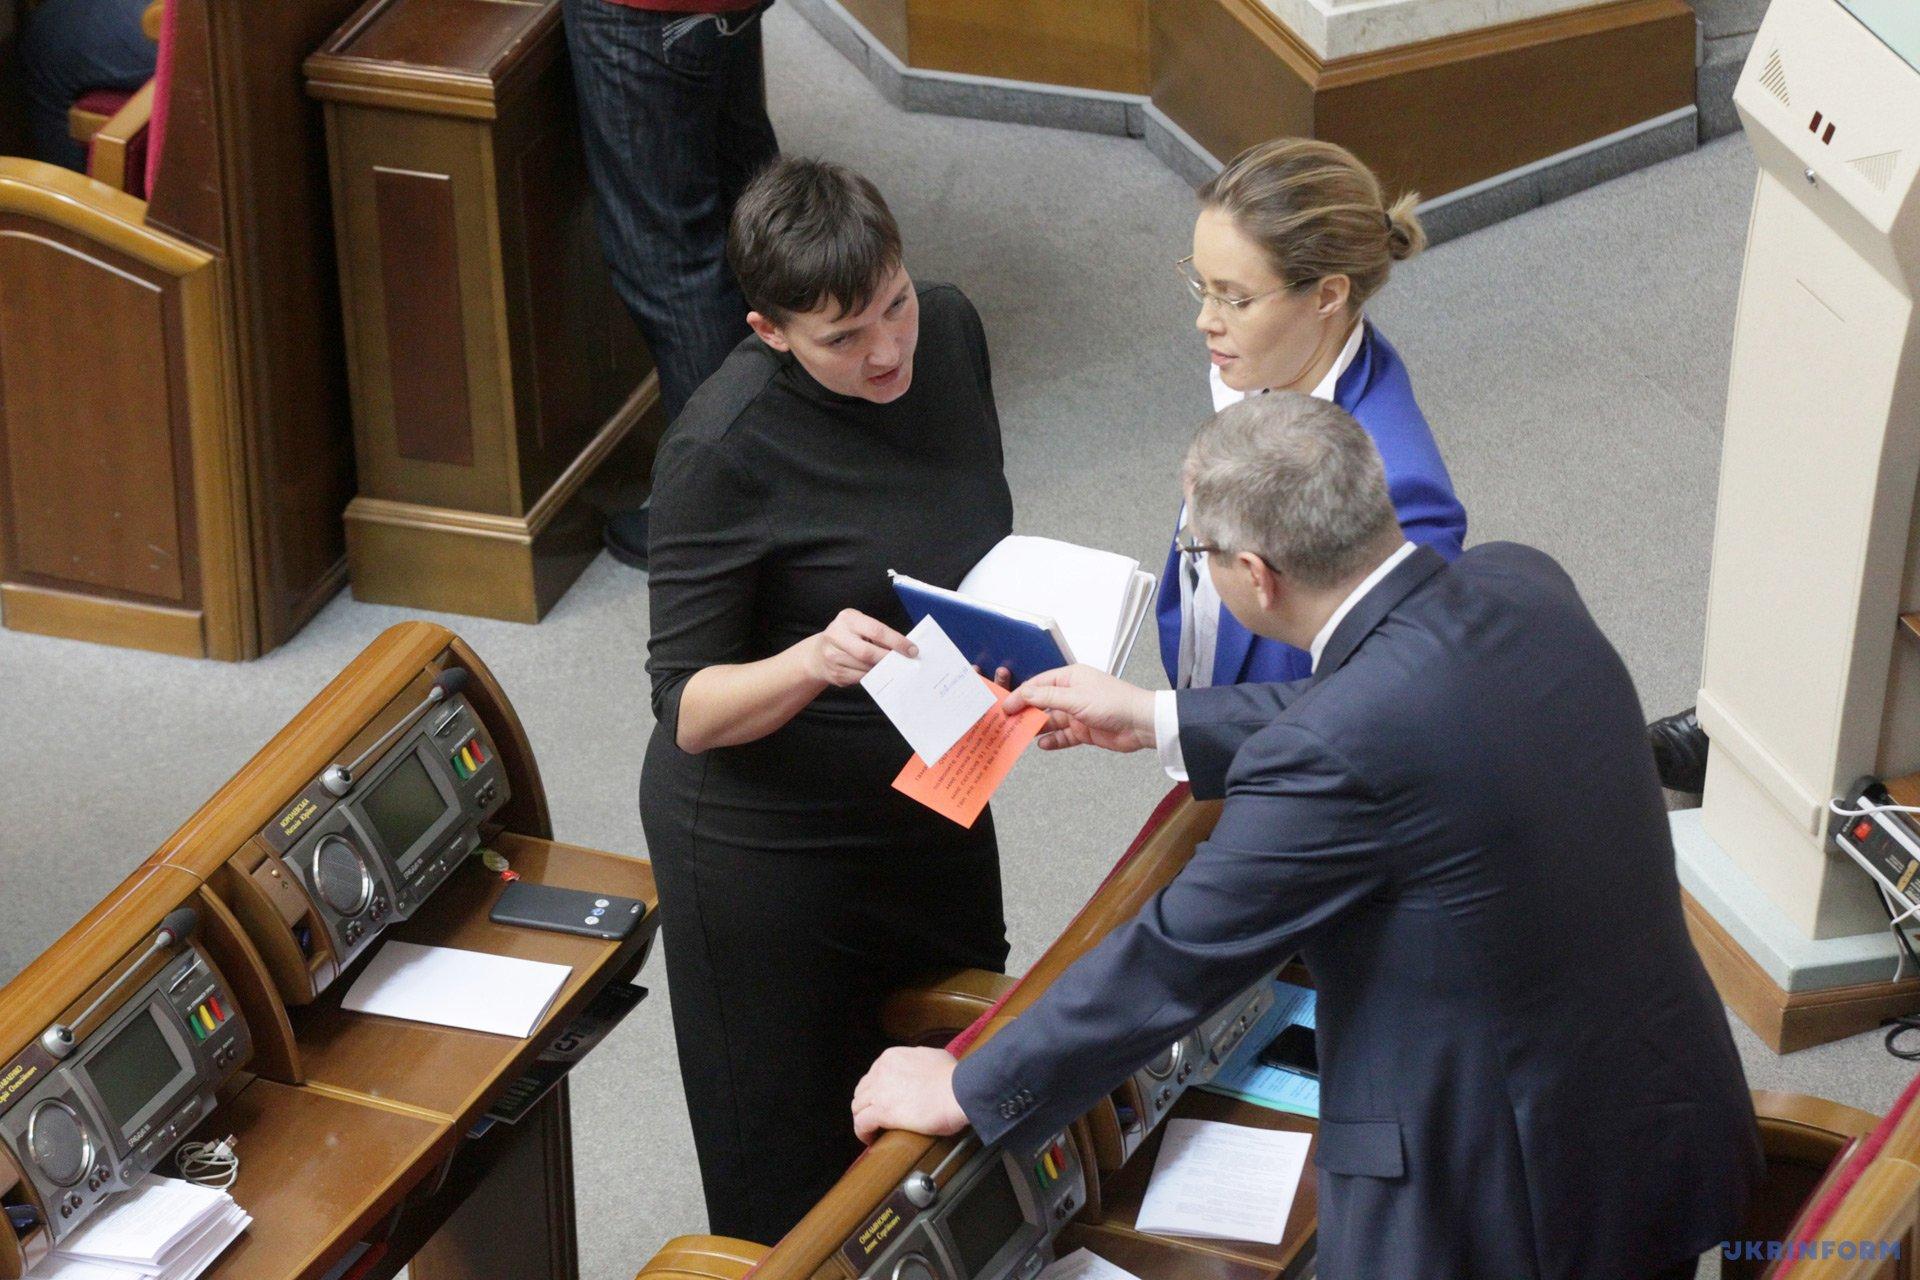 Народні депутати Надія Савченко, Наталія Королевська та Олександр Вілкул під час засідання парламенту / Фото: Павло Багмут, Укрінформ.